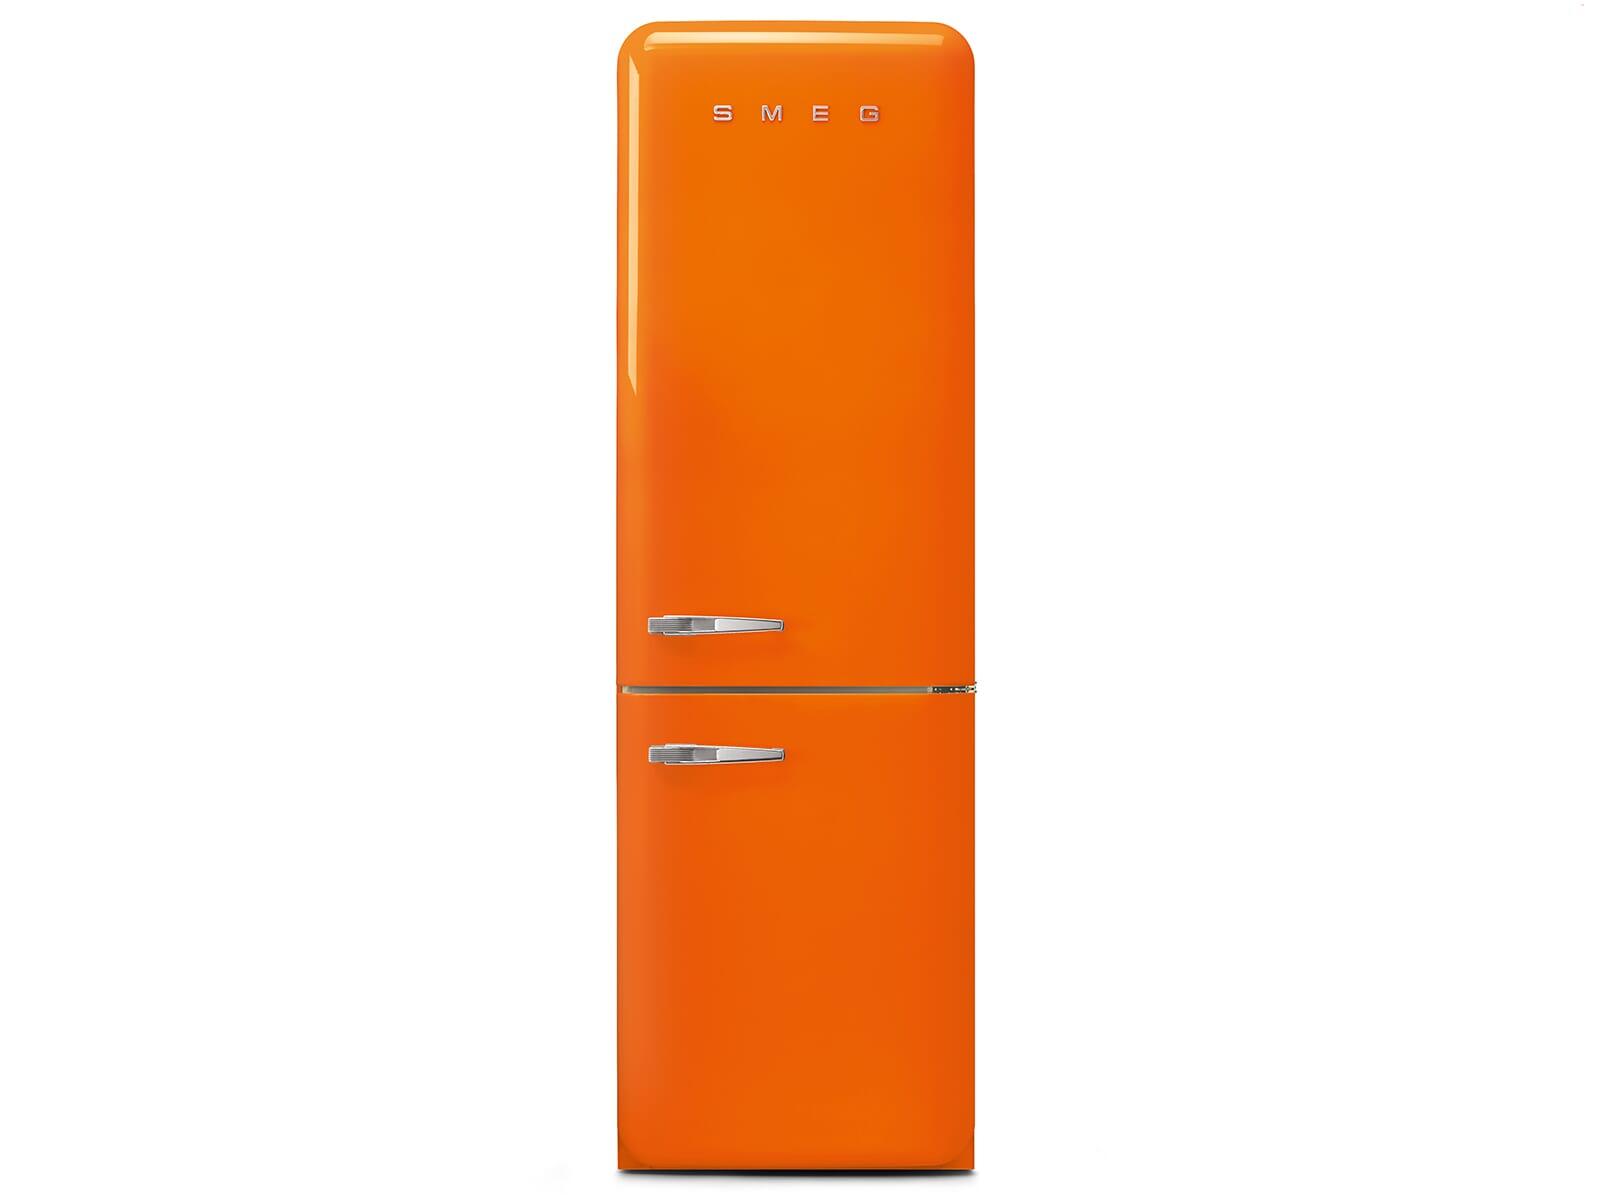 Smeg Kühlschrank Biofresh : Smeg fab ror kühl gefrierkombination orange